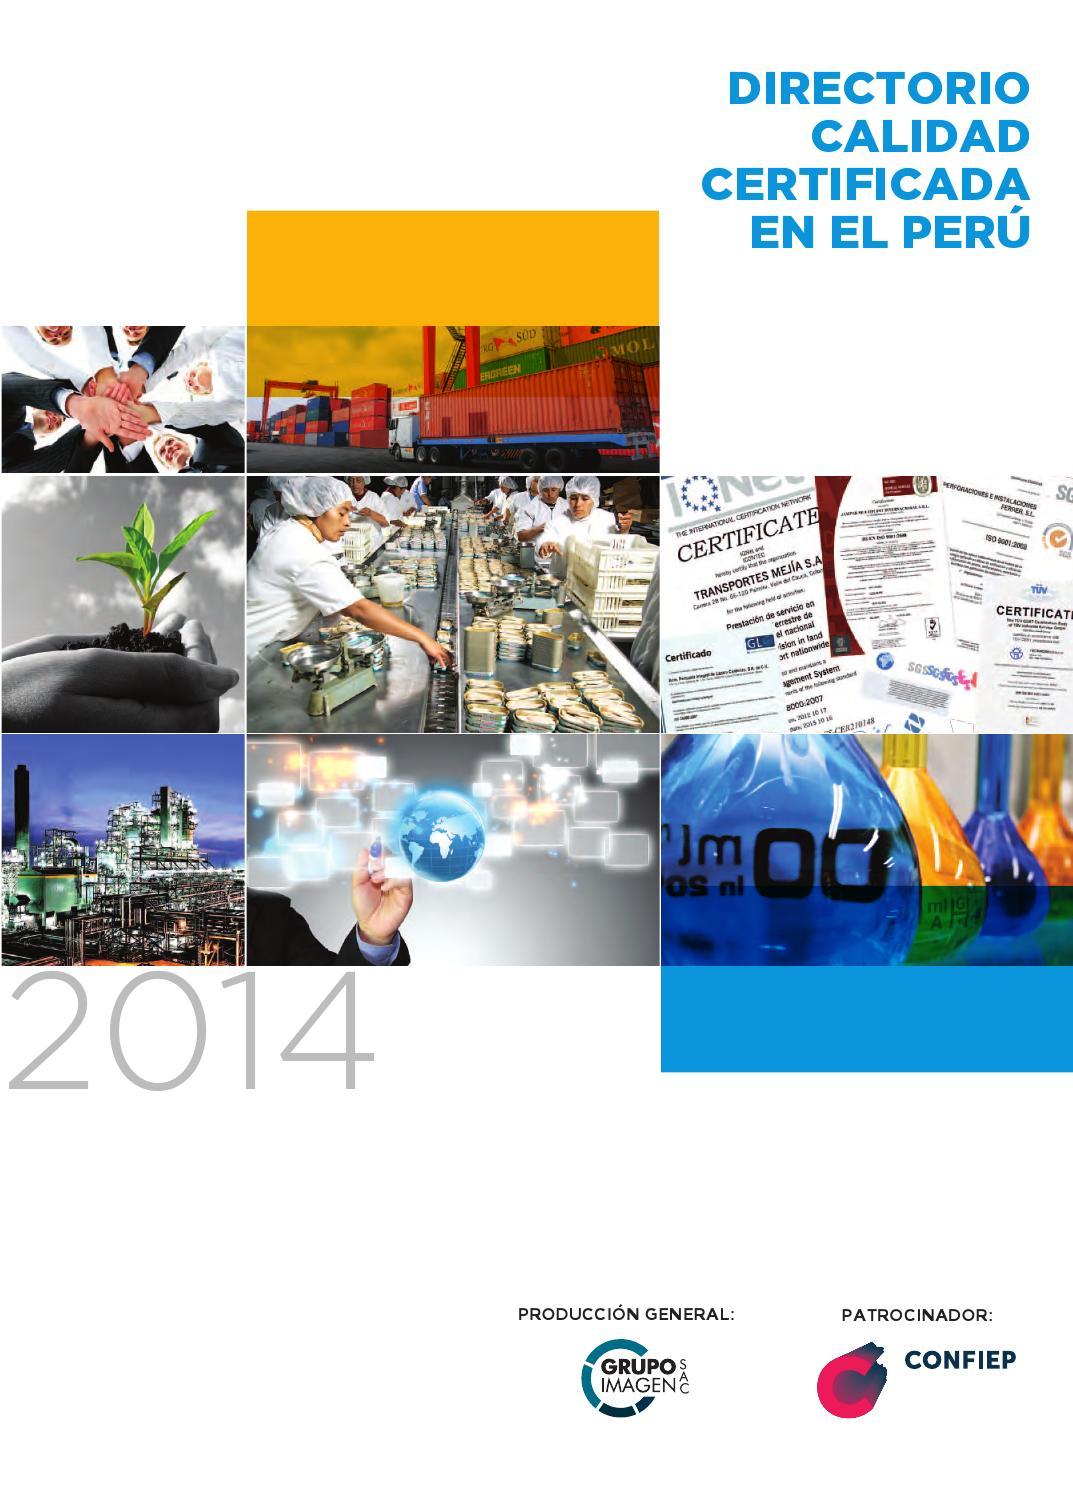 Directorio Calidad Certificada en el Perú 2014 by Grupo Imagen SAC ...